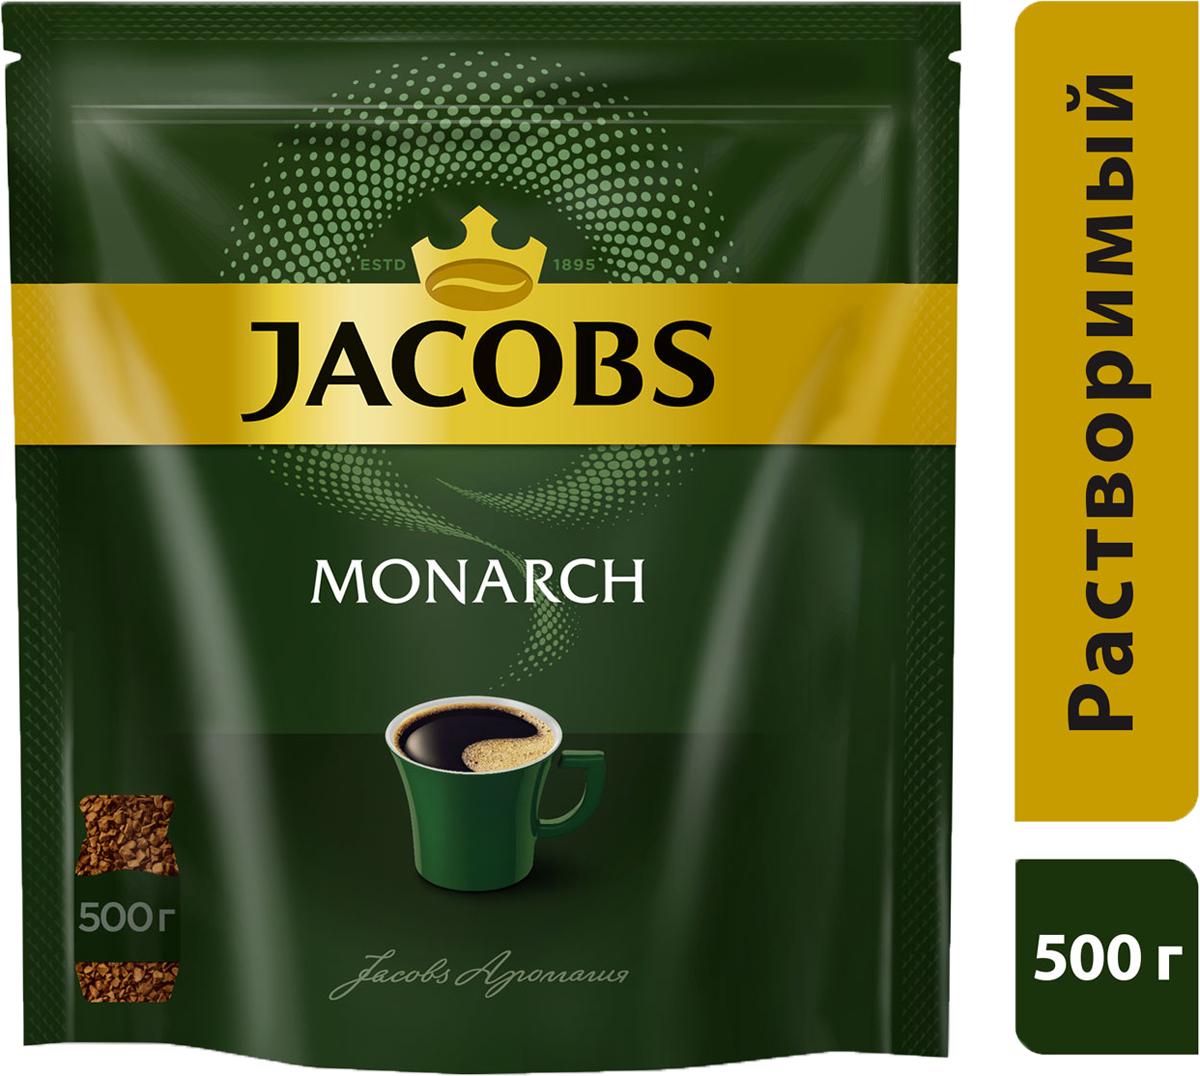 Jacobs Monarch кофе растворимый, 500 г (пакет)784663В благородной теплоте тщательно обжаренных зерен скрывается секрет подлинной крепости и притягательного аромата кофе Jacobs Monarch. Заварите чашку кофе Jacobs Monarch, и вы сразу почувствуете, как его уникальный притягательный аромат окружит вас и создаст особую атмосферу для теплого общения с вашими близкими.Так рождается неповторимая атмосфера Аромагии кофе Jacobs Monarch.Уважаемые клиенты! Обращаем ваше внимание на то, что упаковка может иметь несколько видов дизайна. Поставка осуществляется в зависимости от наличия на складе.